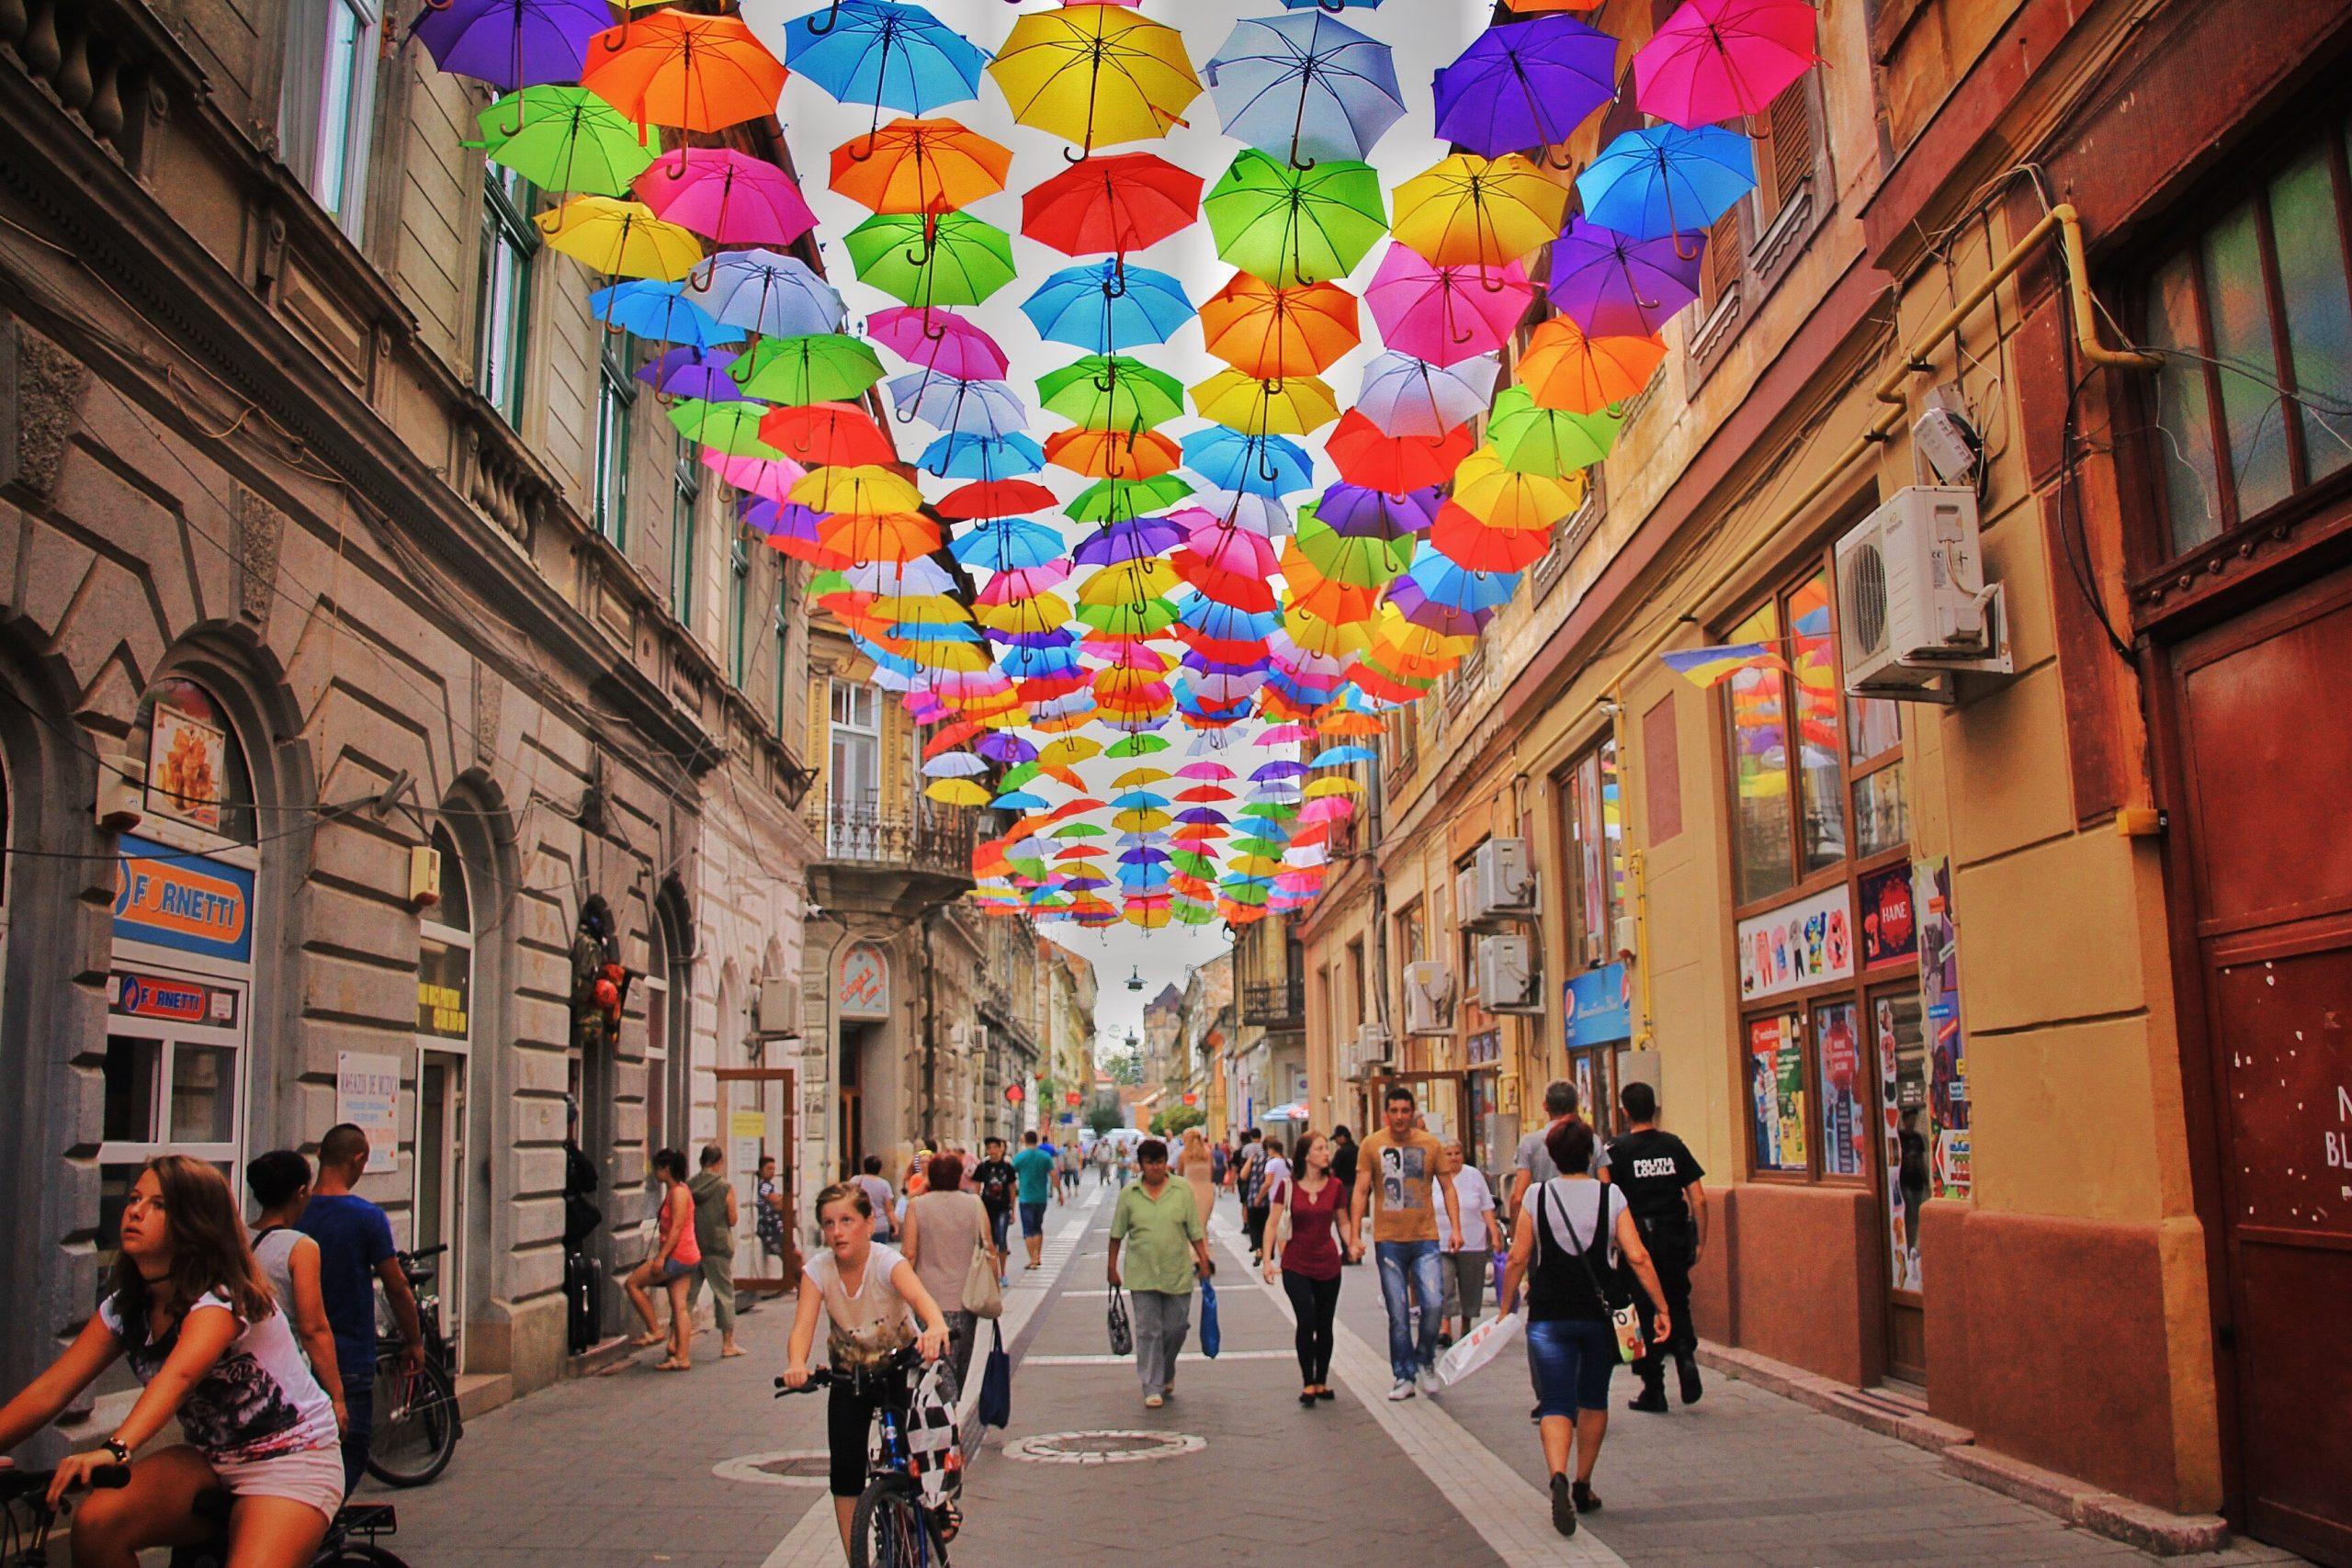 Ou se situe la Roumanie? La Roumanie est un pays situé dans le sud-est de l'Europe, au bord de la mer Noire. Le pays est partiellement situé sur la péninsule des Balkans.